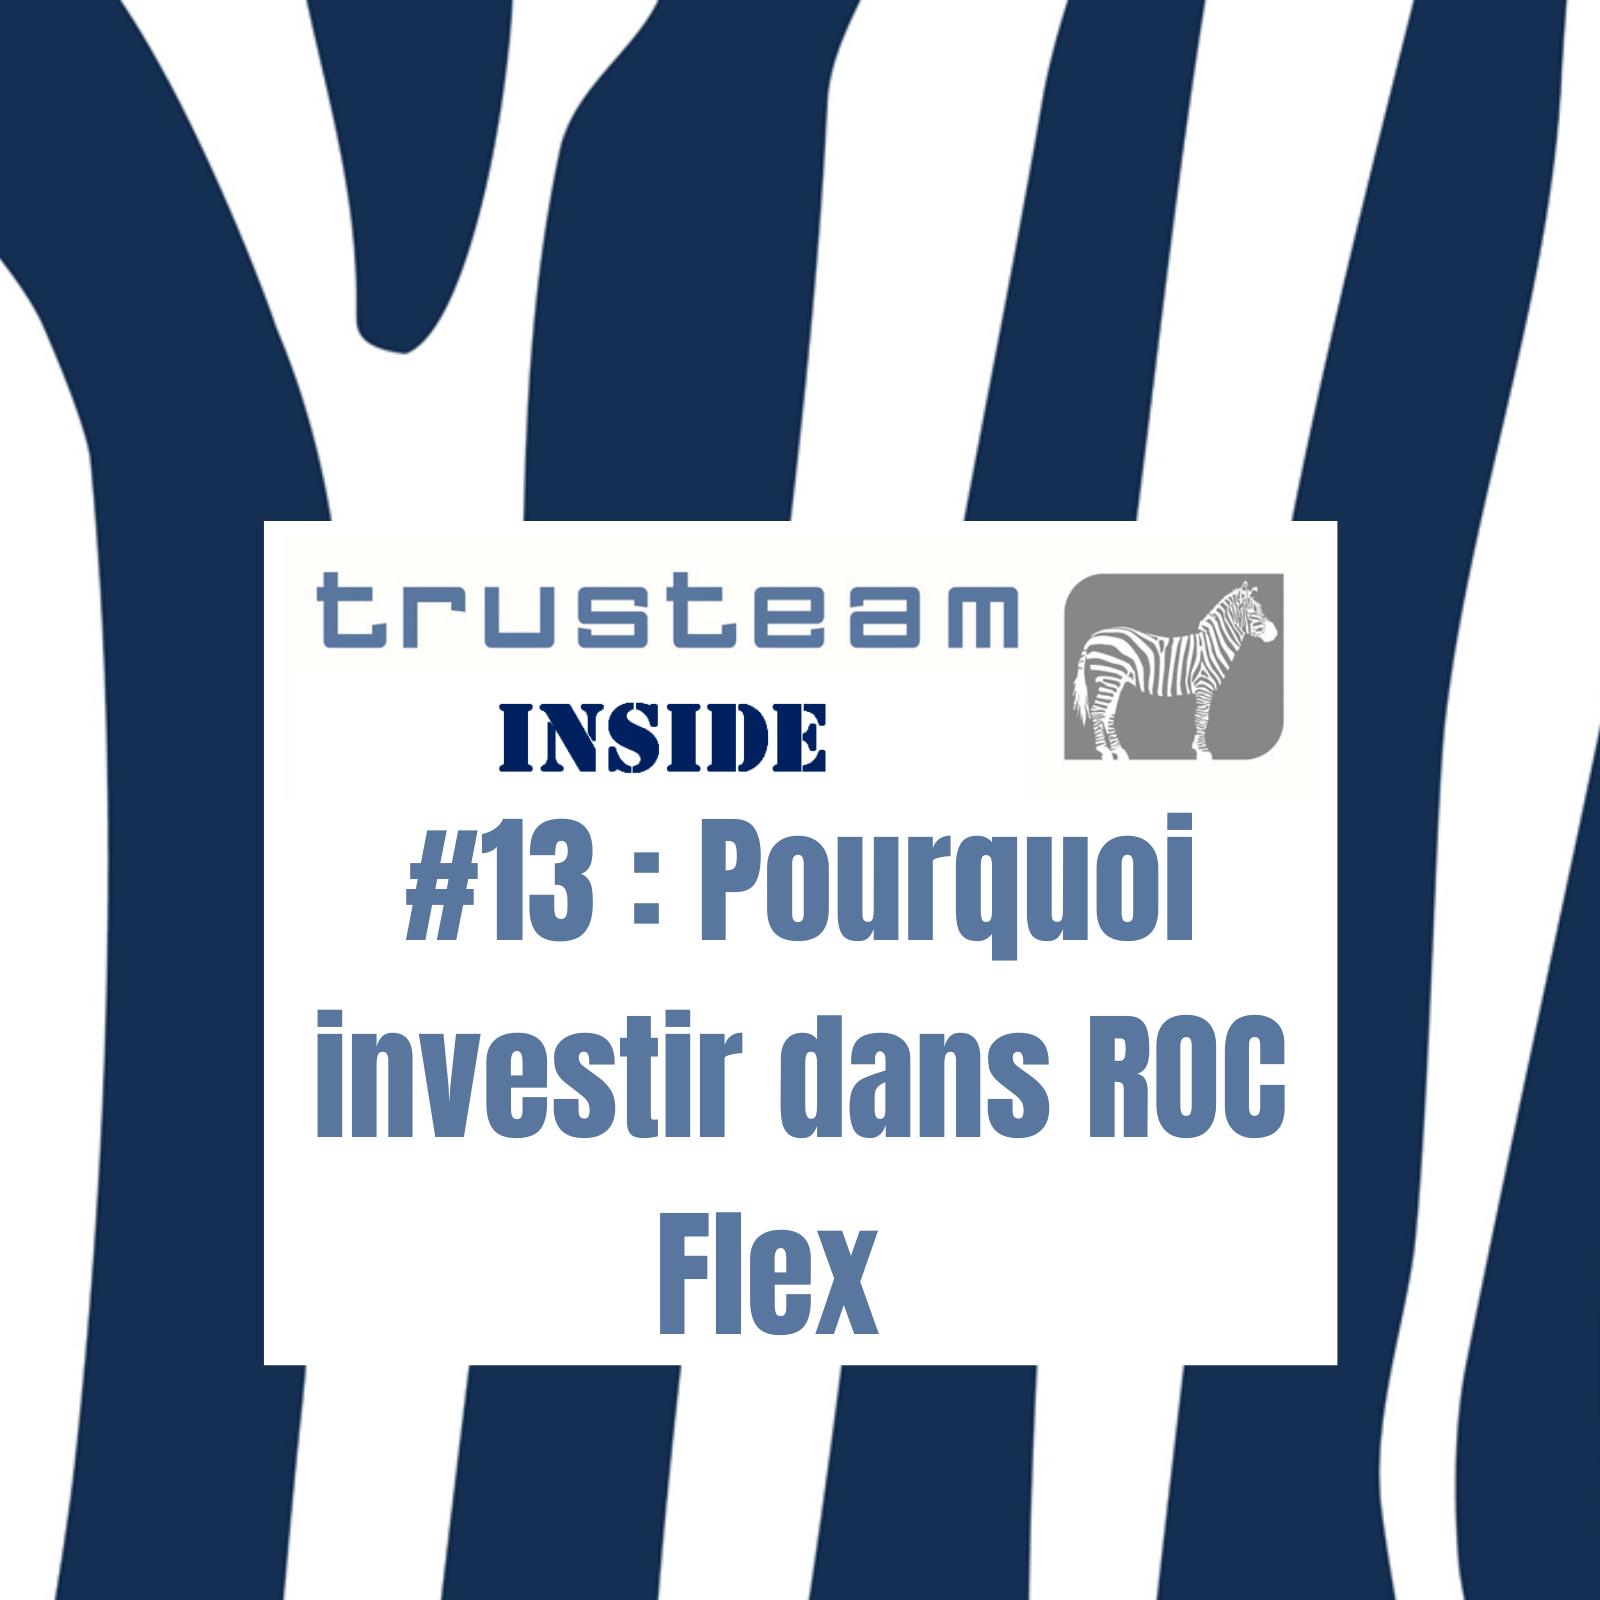 #13 Pourquoi investir dans Roc Flex